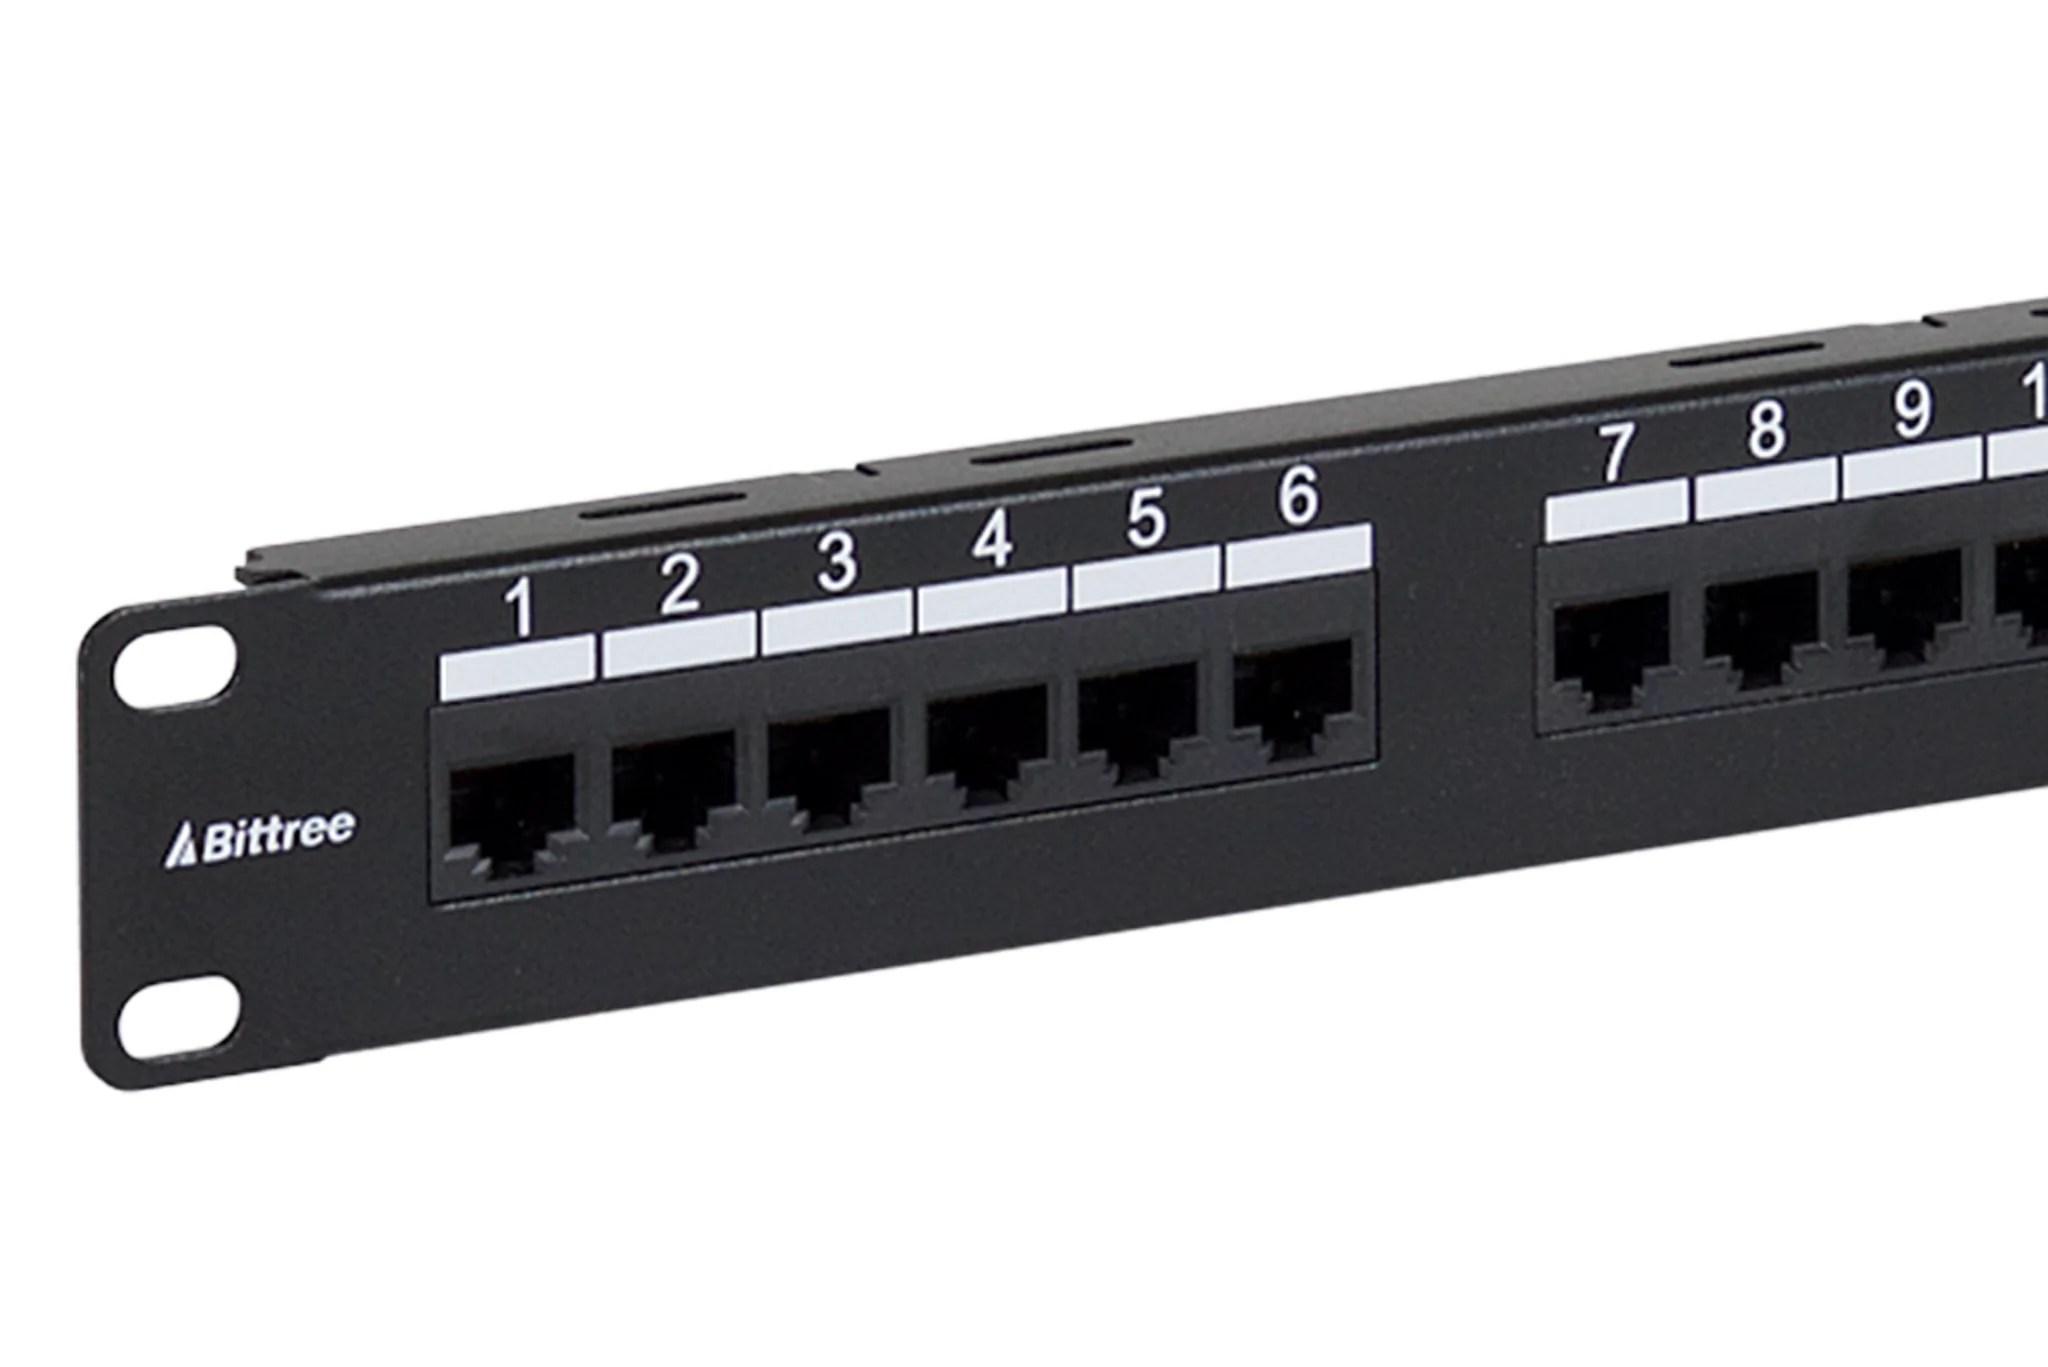 flush mount gigabit ethernet panel cat 6 110 punchdown unshielded 1x24  [ 2048 x 1367 Pixel ]